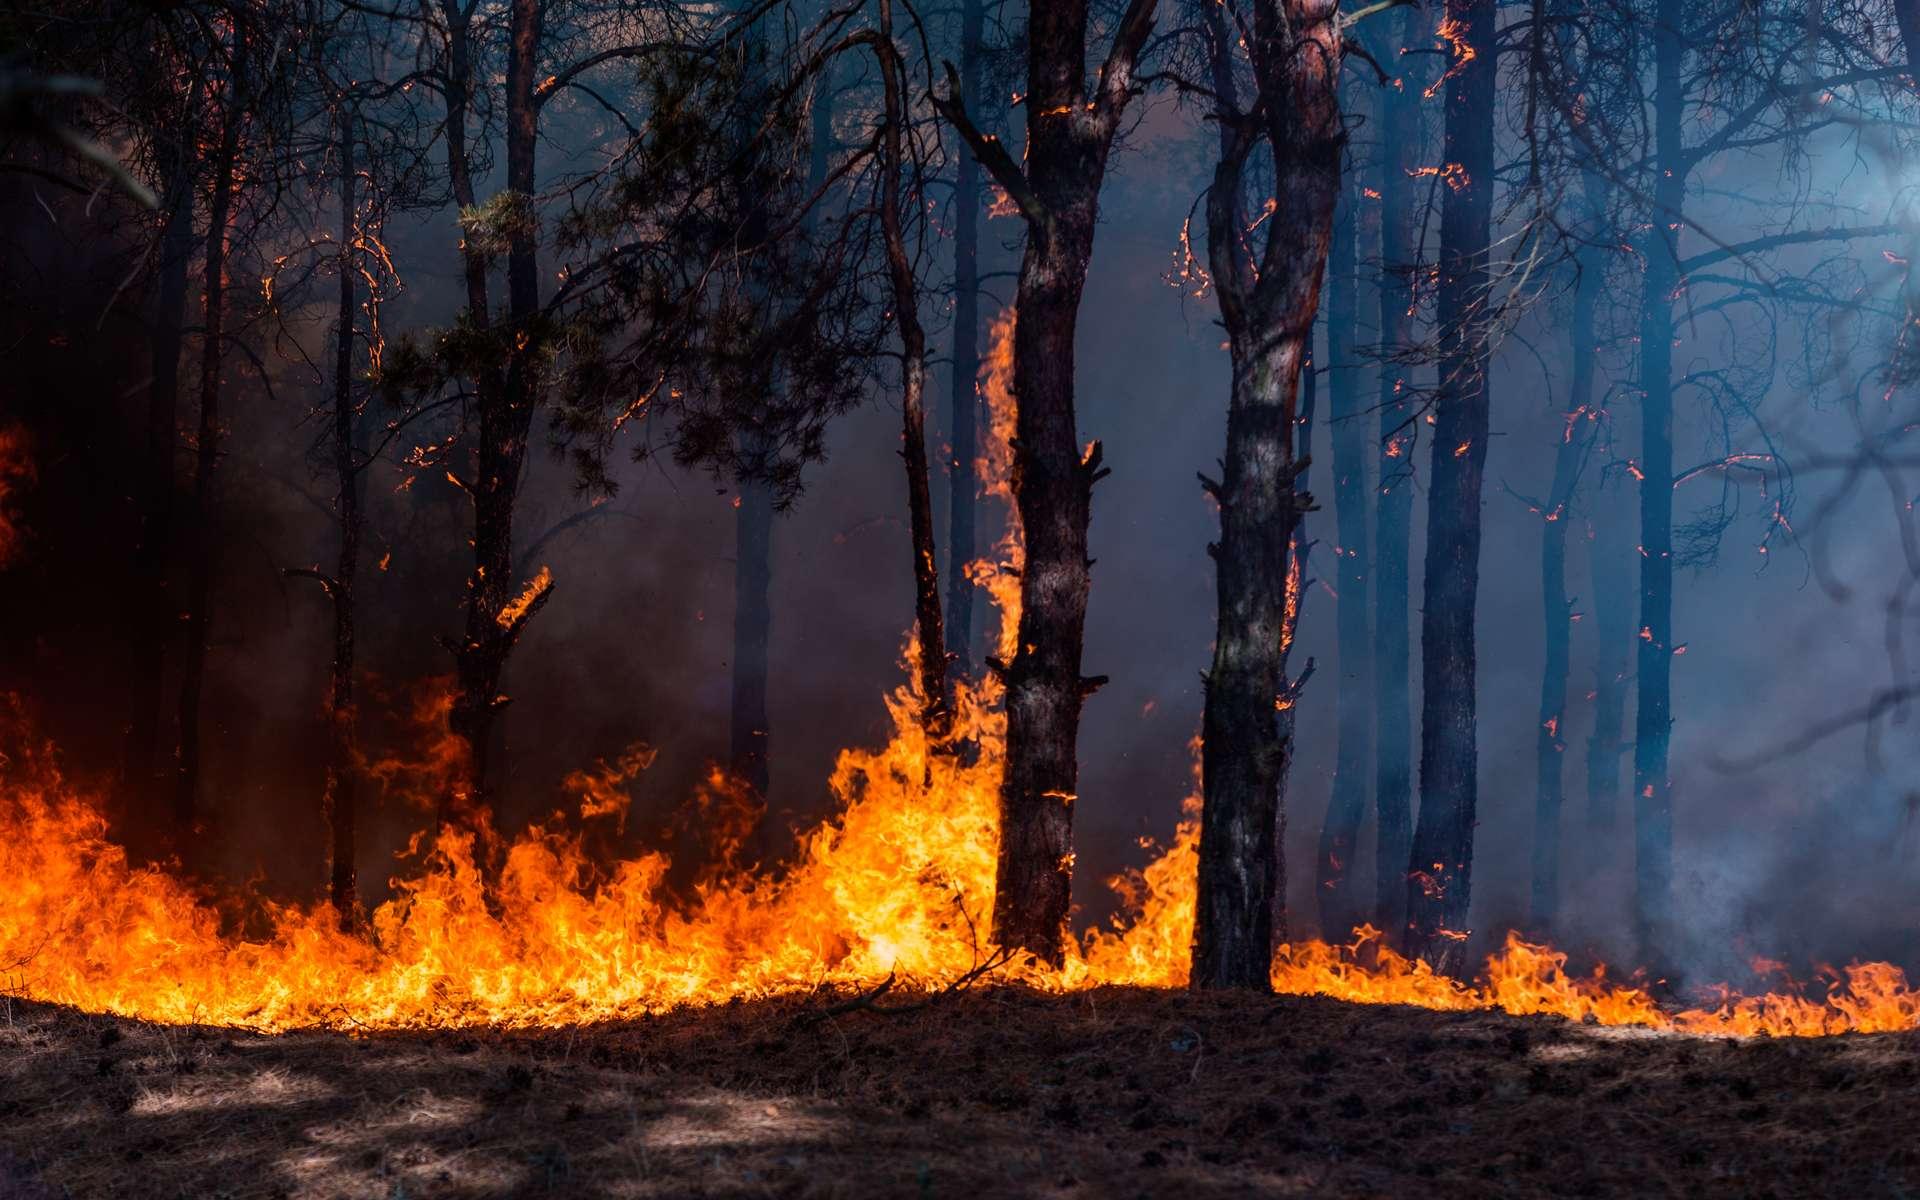 Climat : un abribus s'enflamme spontanément en Angleterre